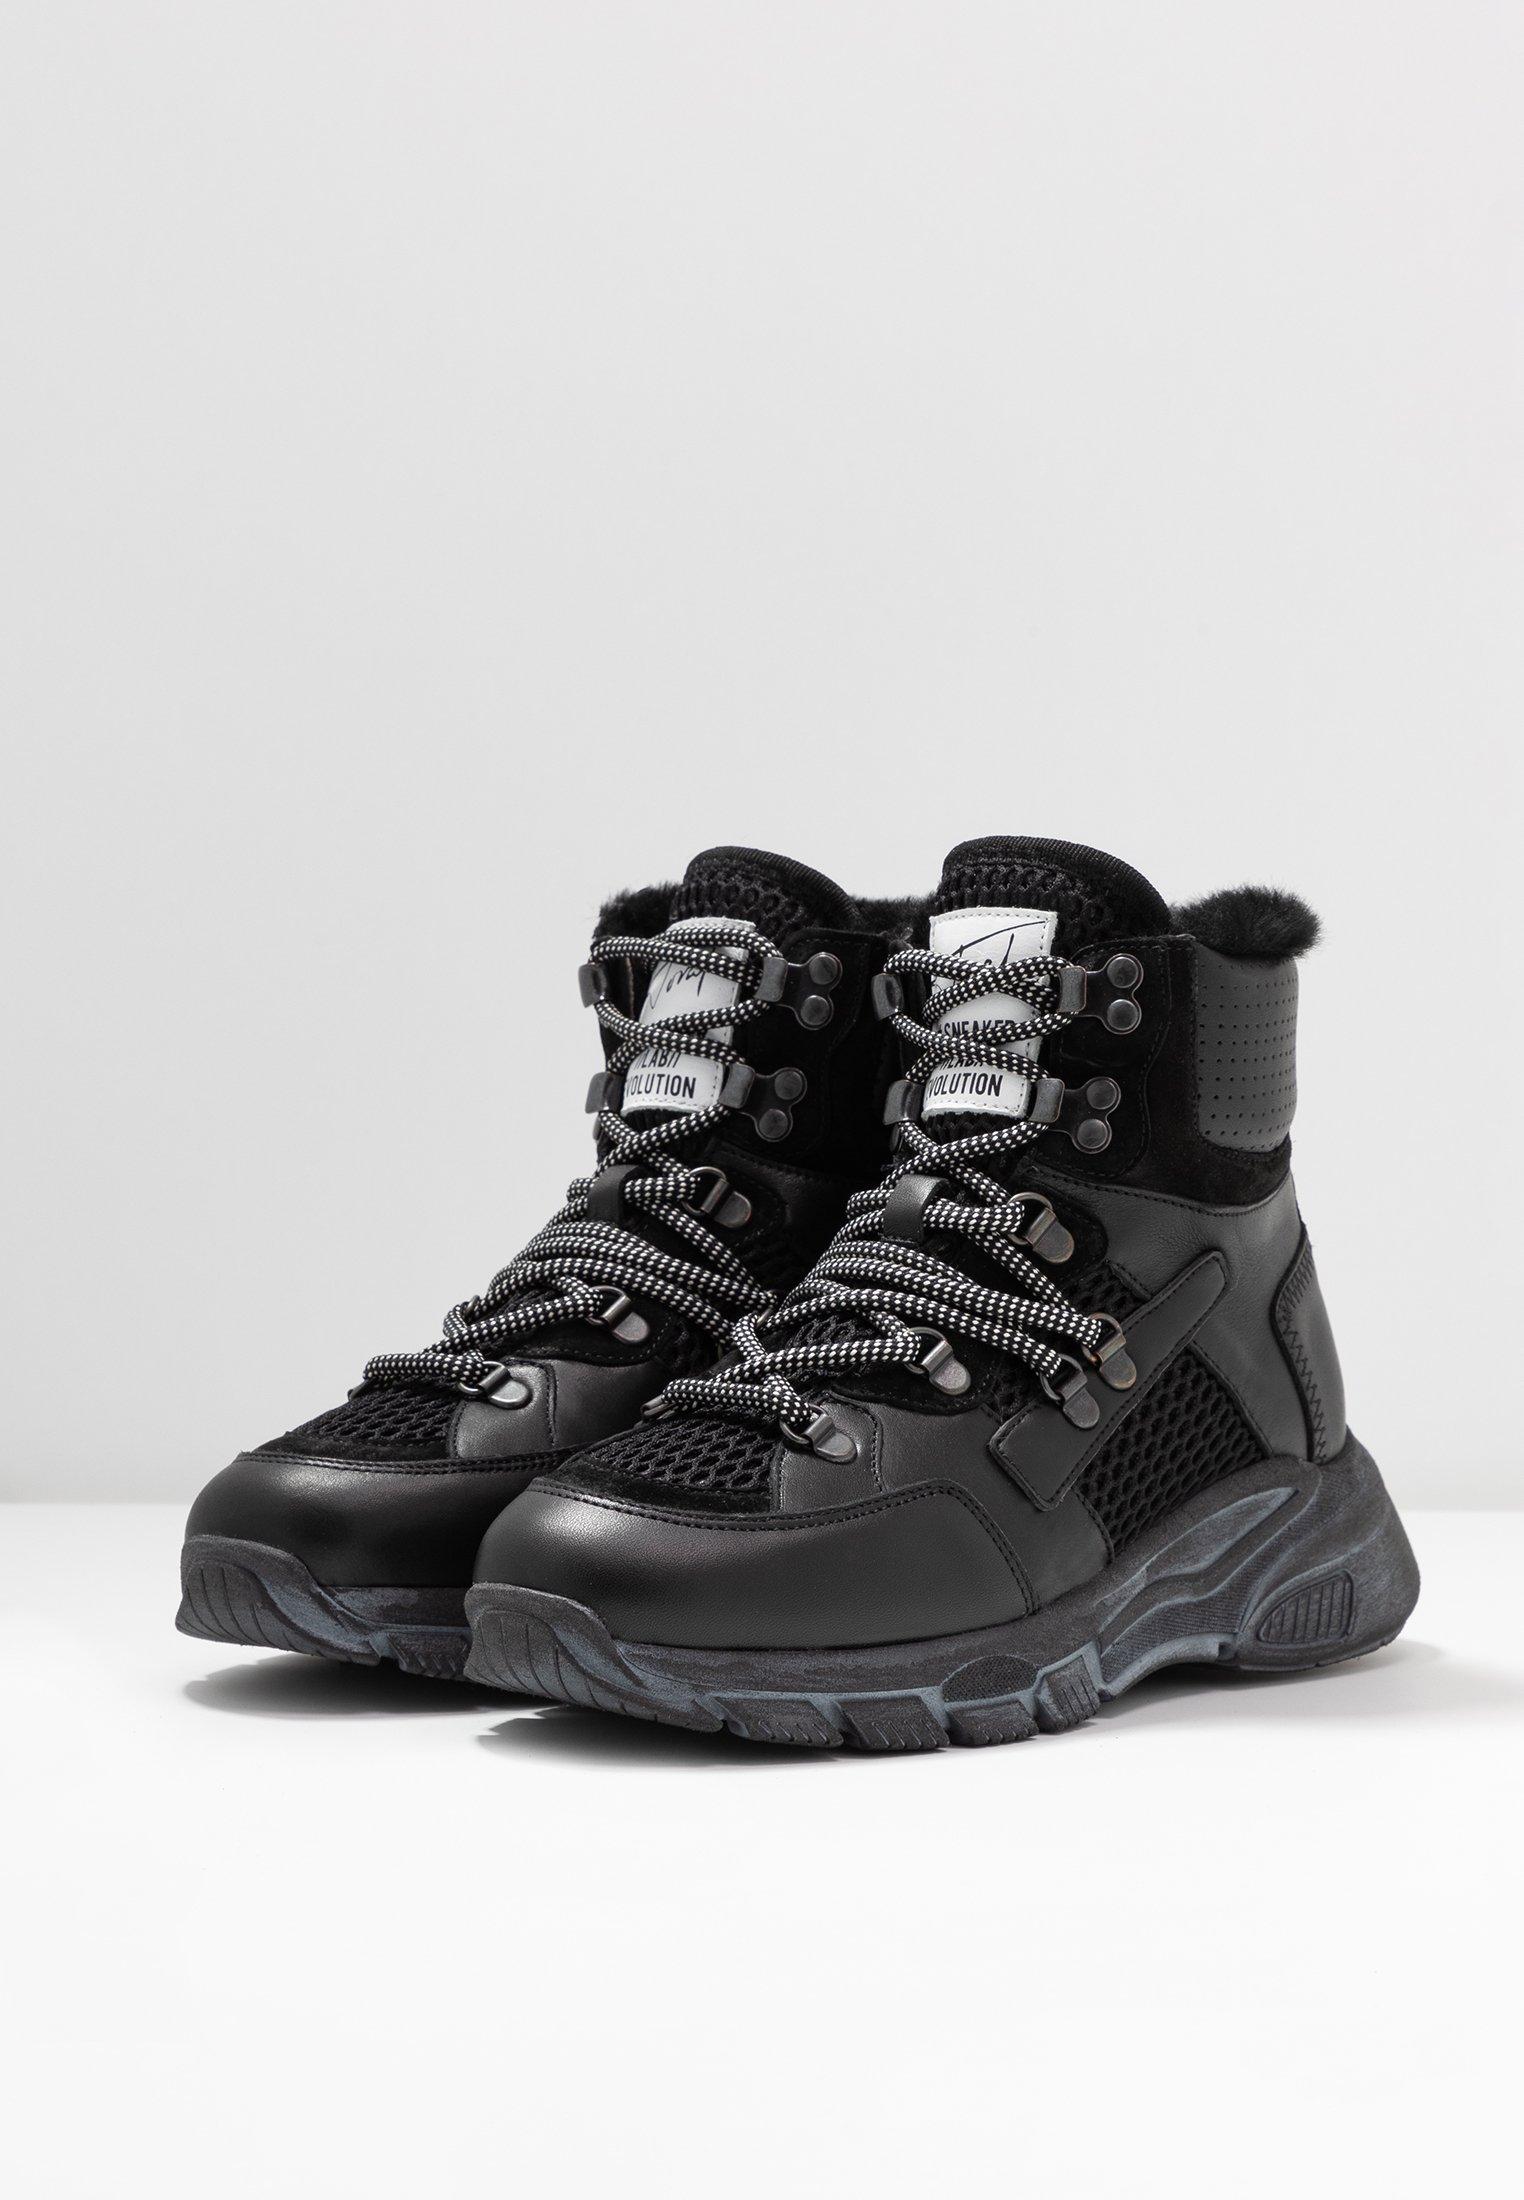 Boots À TalonsBlack TalonsBlack Toral Boots Boots À À Toral Toral Toral Boots TalonsBlack 3jcL4Aq5R